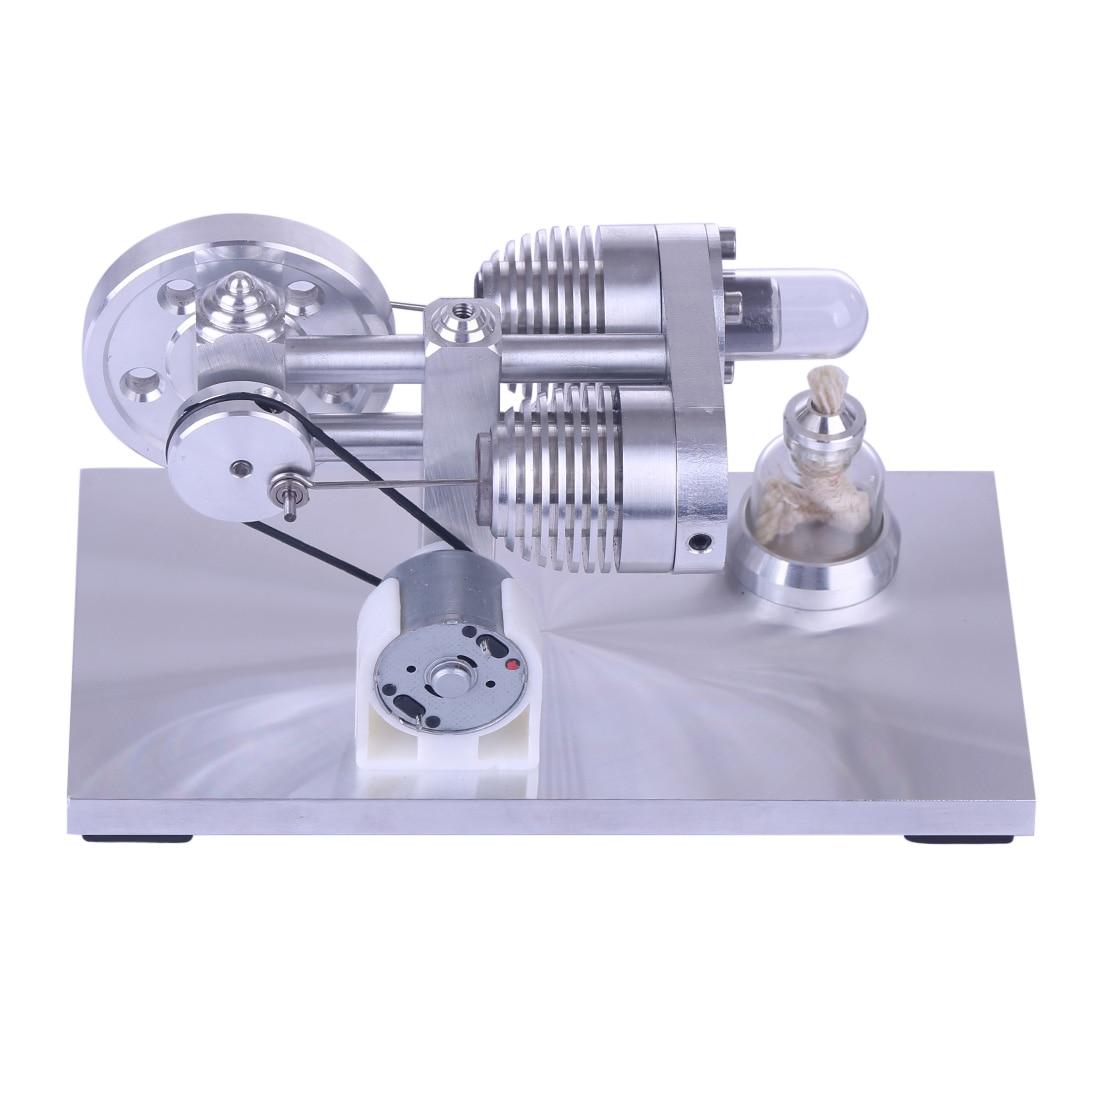 NFSTRIKE Tube de chauffage en alliage d'aluminium Quartz Stirling moteur modèle éducatif Kit puissance éducatif bricolage modèle jouet enfants adultes